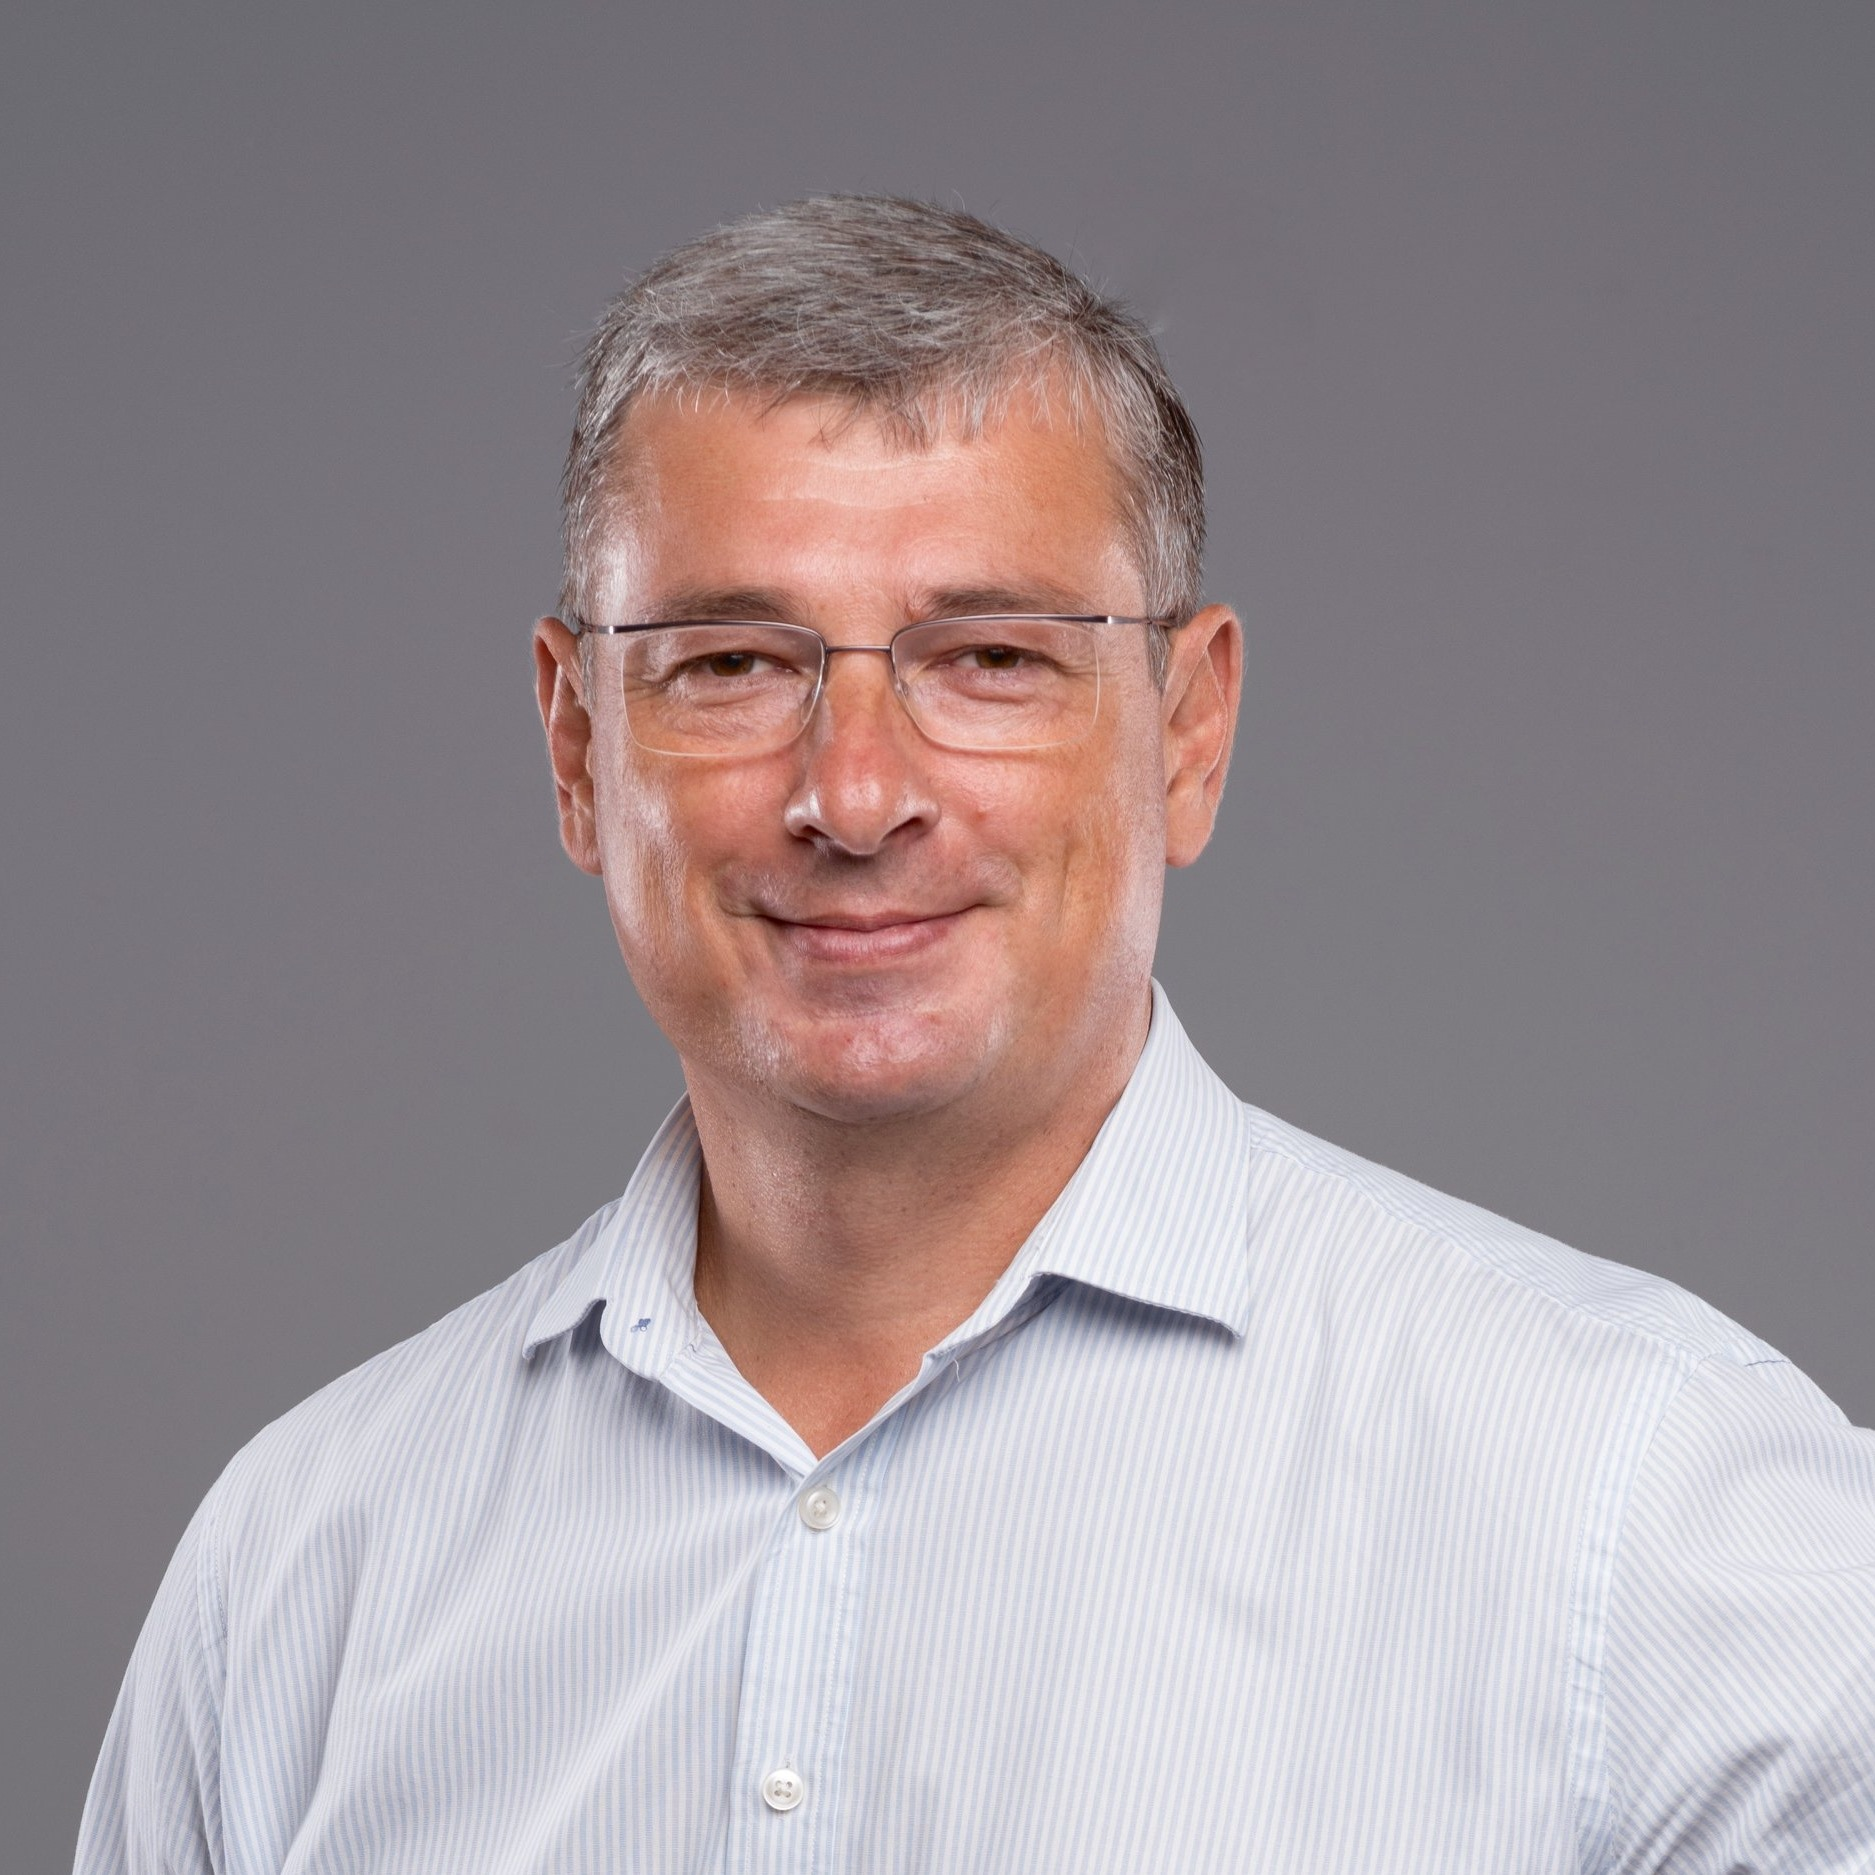 Владислав Пустовар: «Посмішка і гарний настрій рідних і друзів — найбільш вагомі презенти для мене»